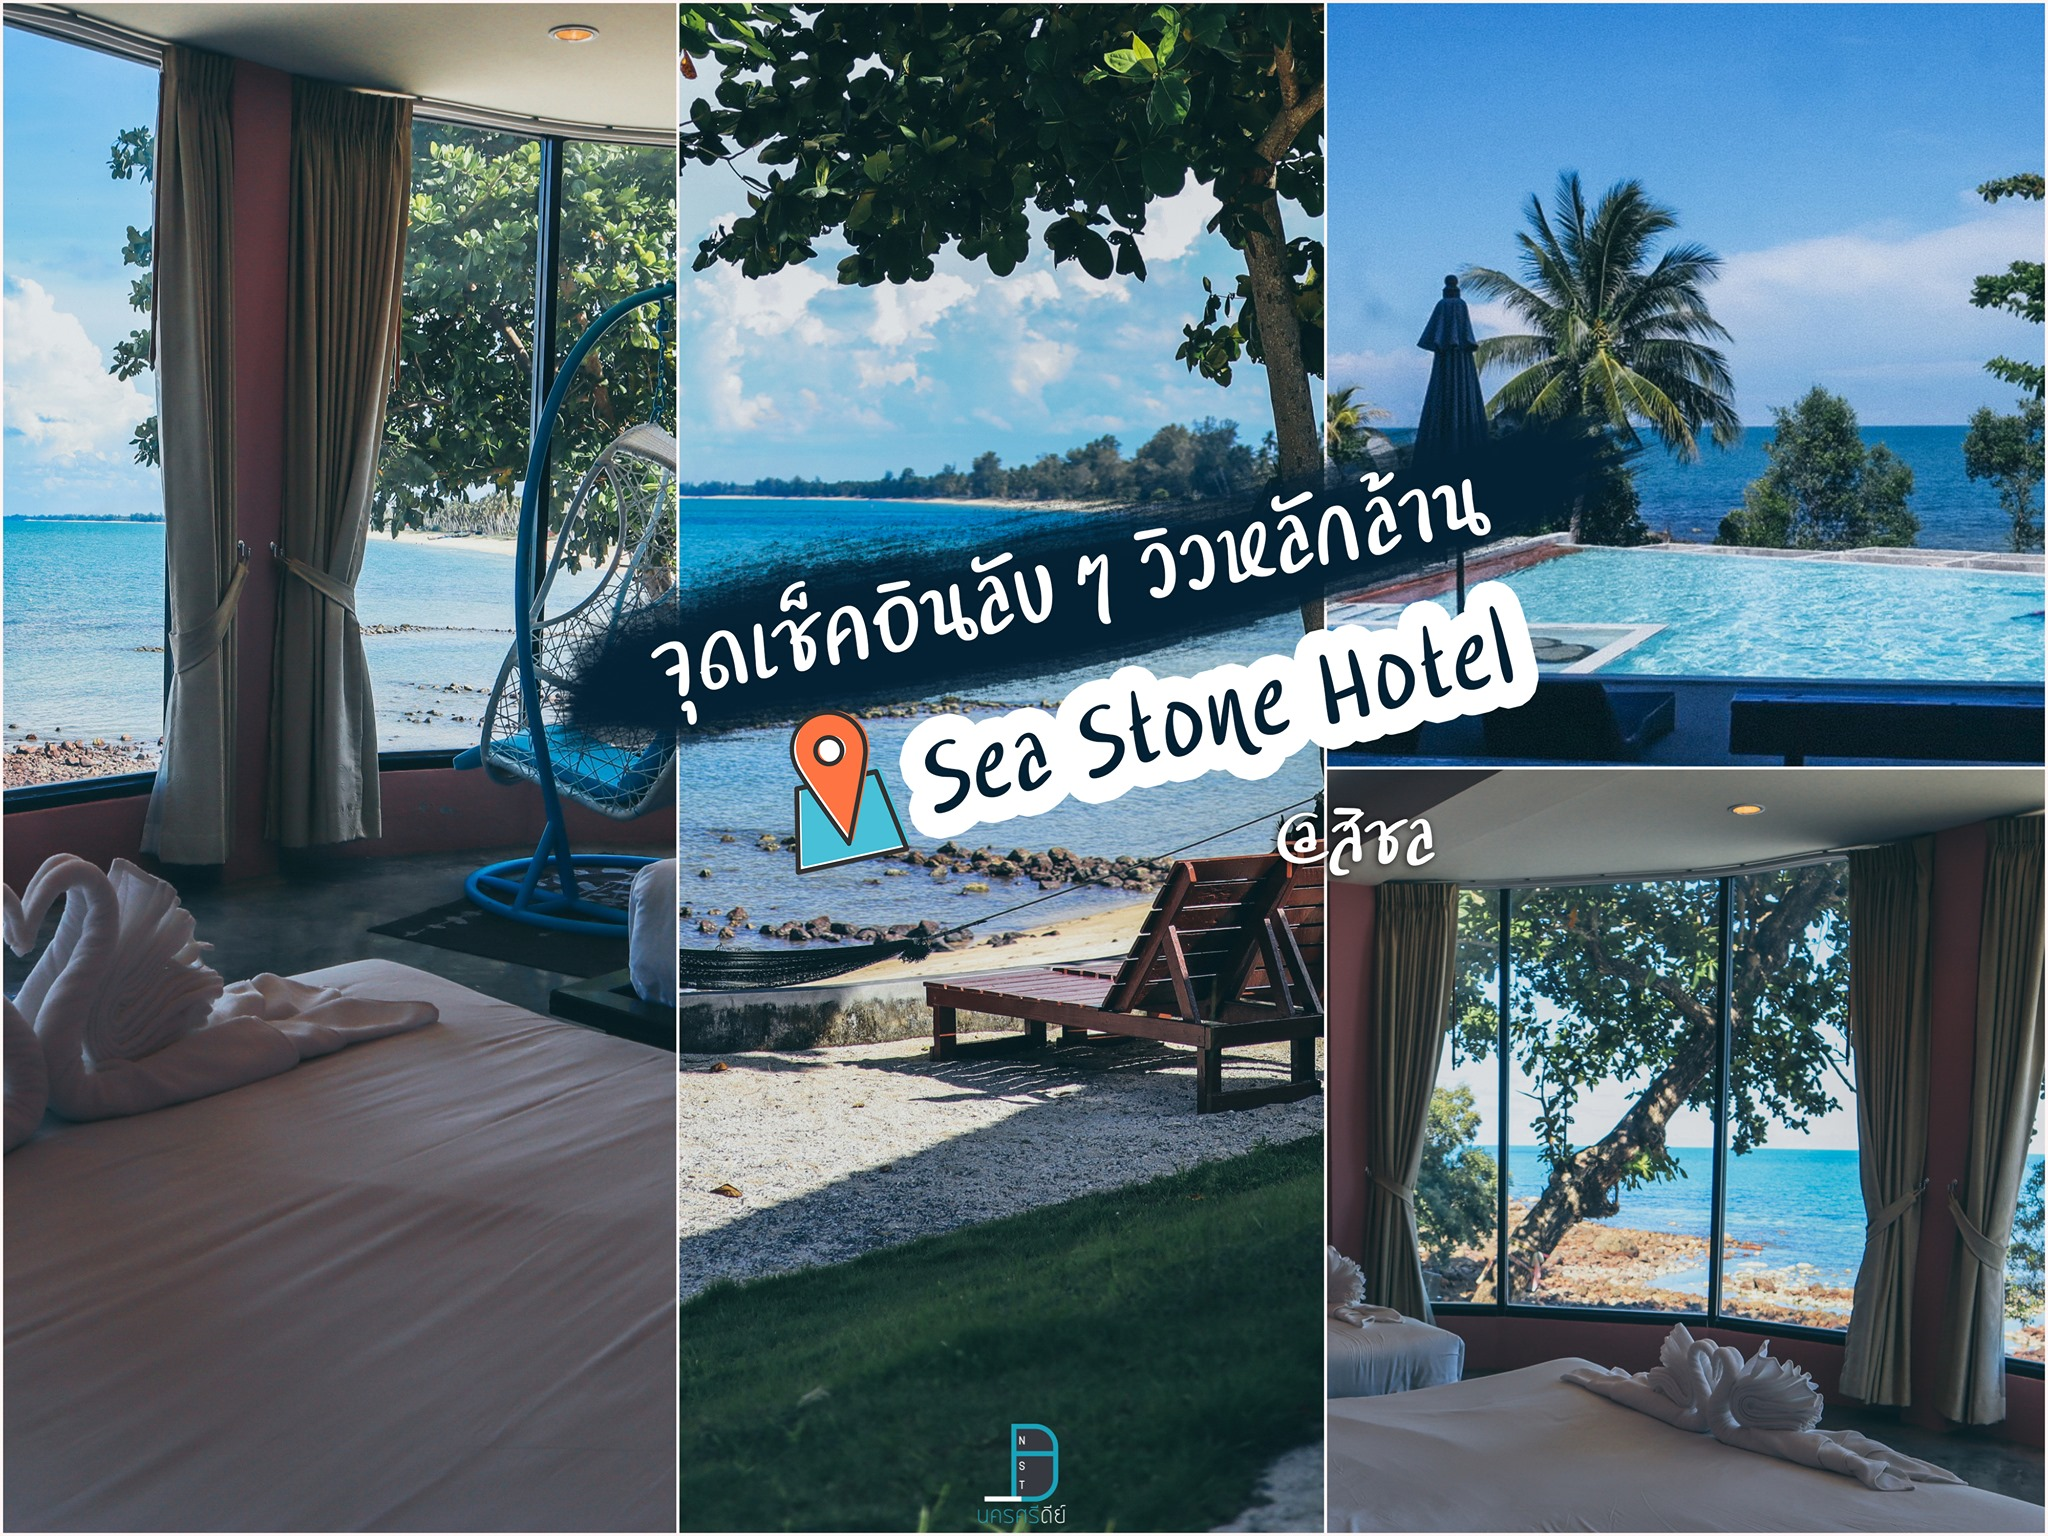 Sea Stone Hotel วิวทะเลหินงาม ที่พักสิชลนครศรี วิวหลักล้านหน้าหาดสวยๆ